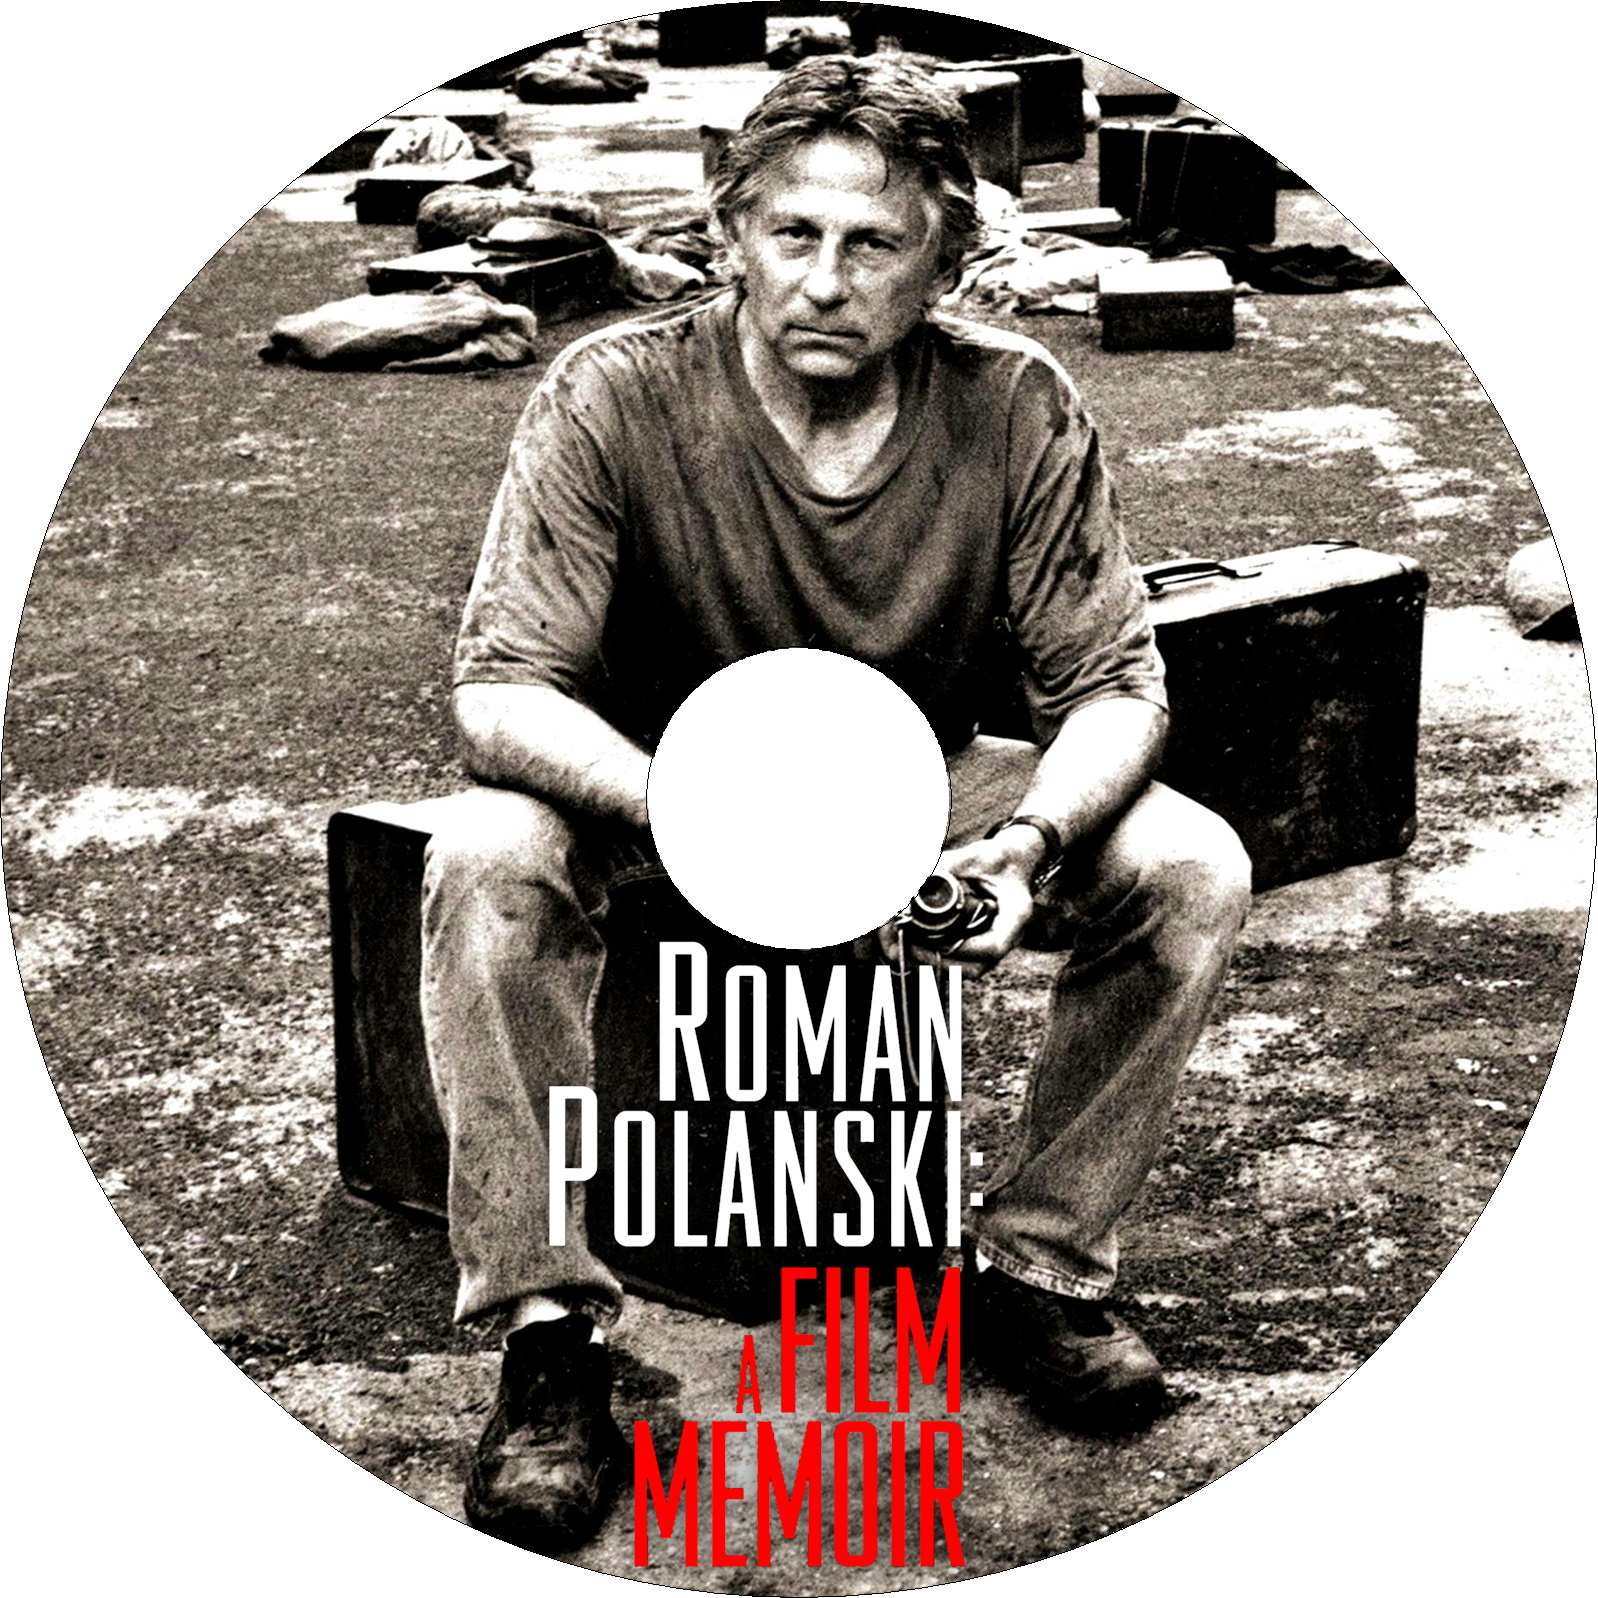 ロマン・ポランスキー 初めての告白 ラベル